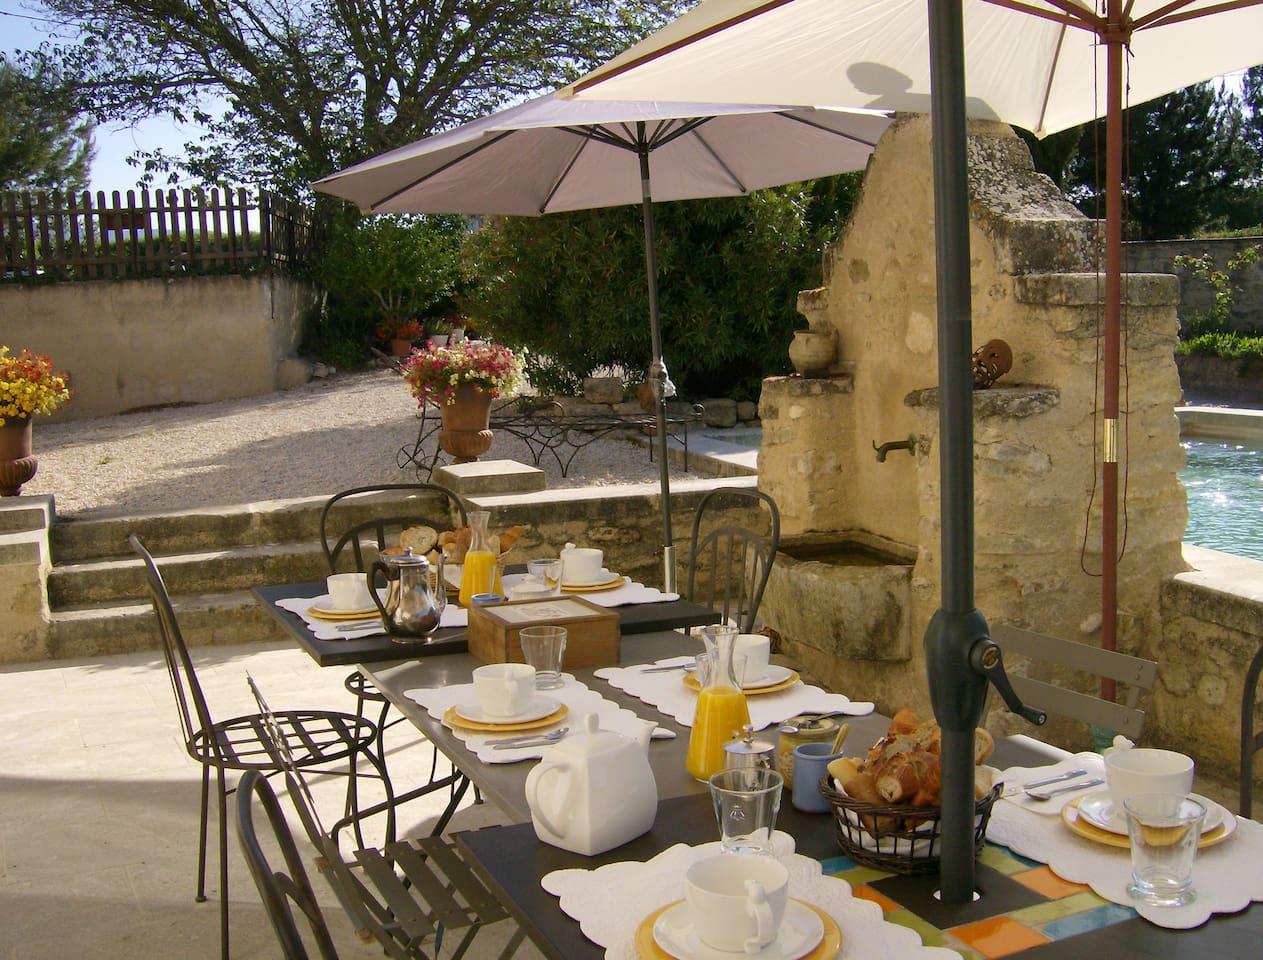 Petits déjeuners devant la piscine